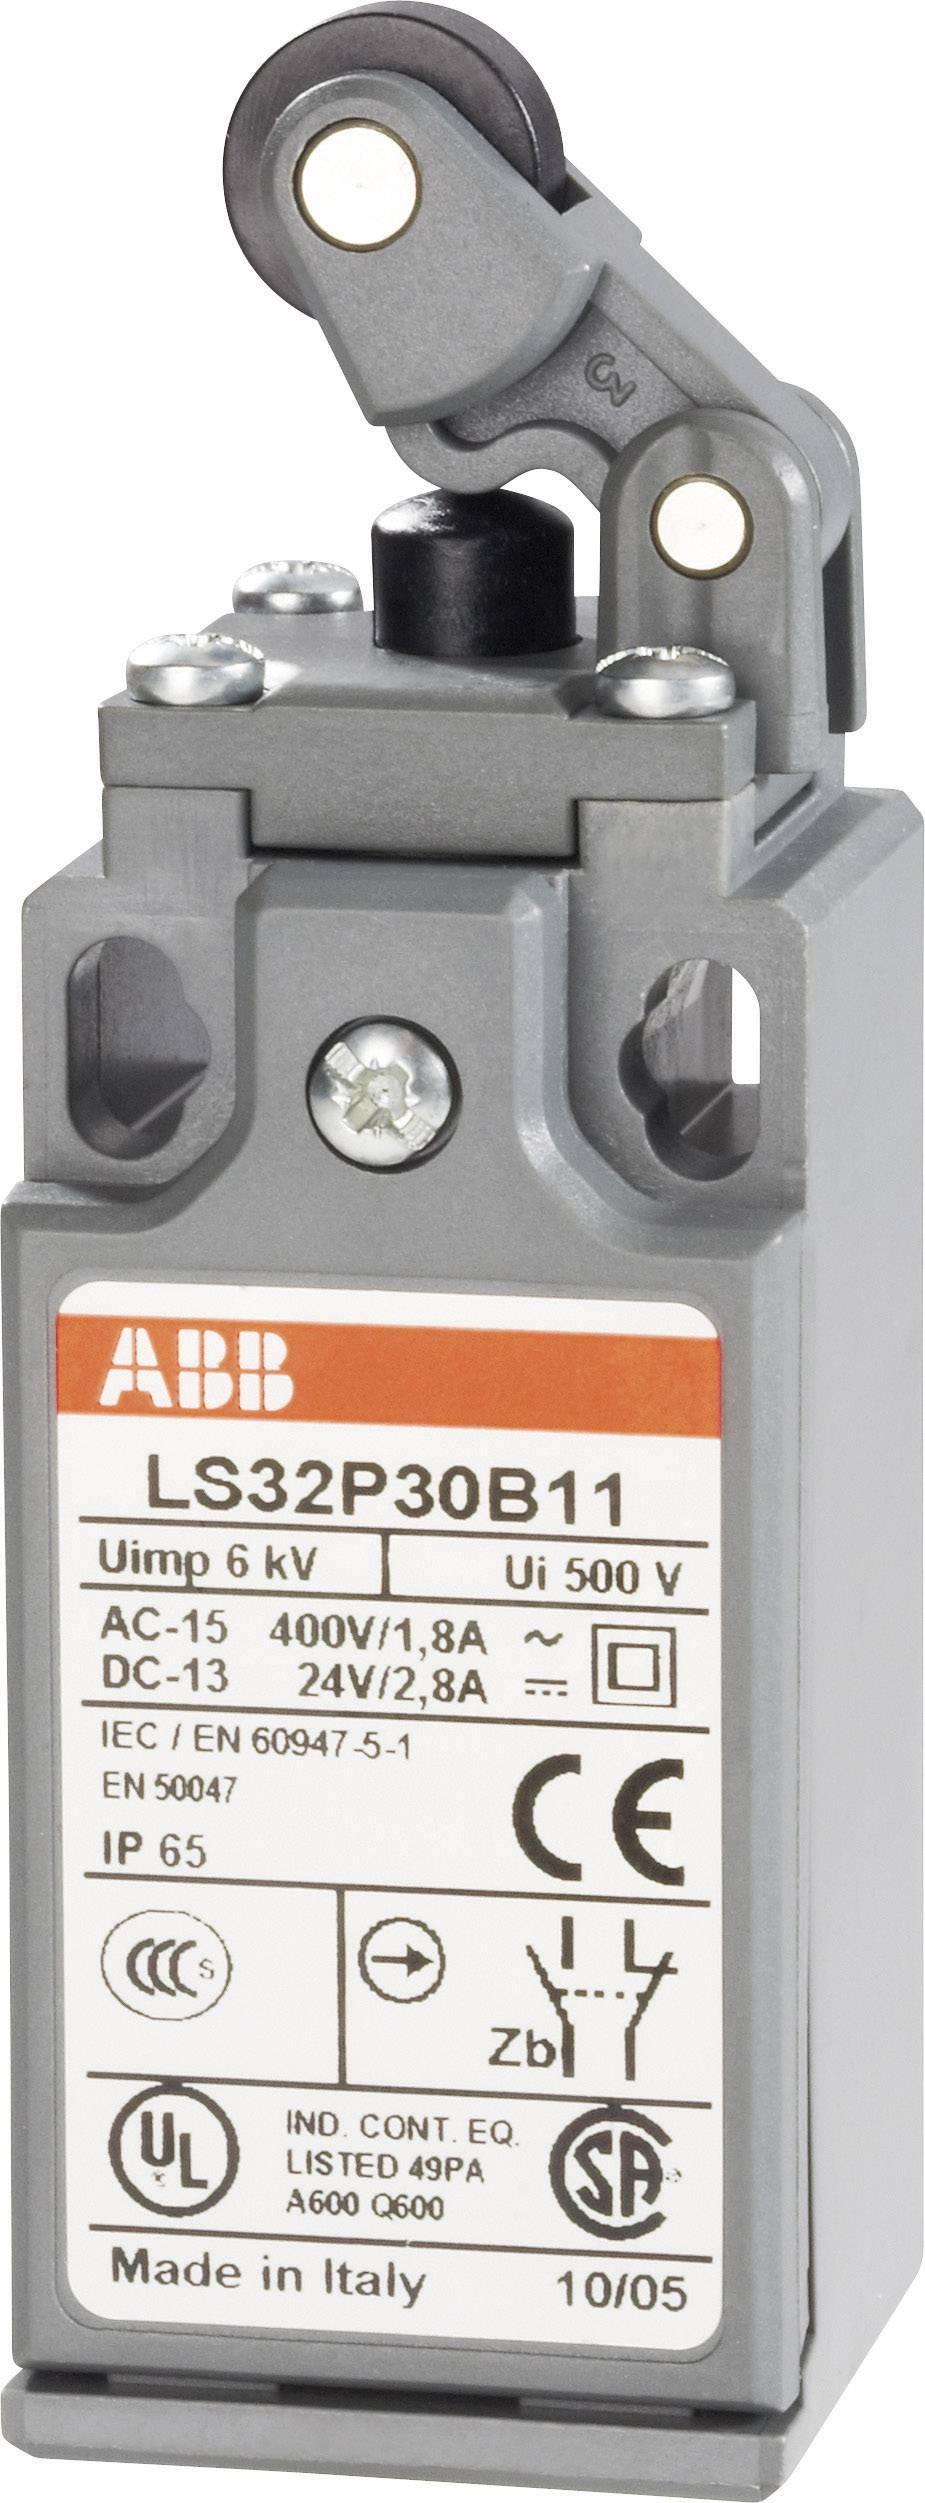 Polohový spínač ABB LS32P30B11 (1SBV010330R1211), 400 V/AC, 1,8 A, šroubovací